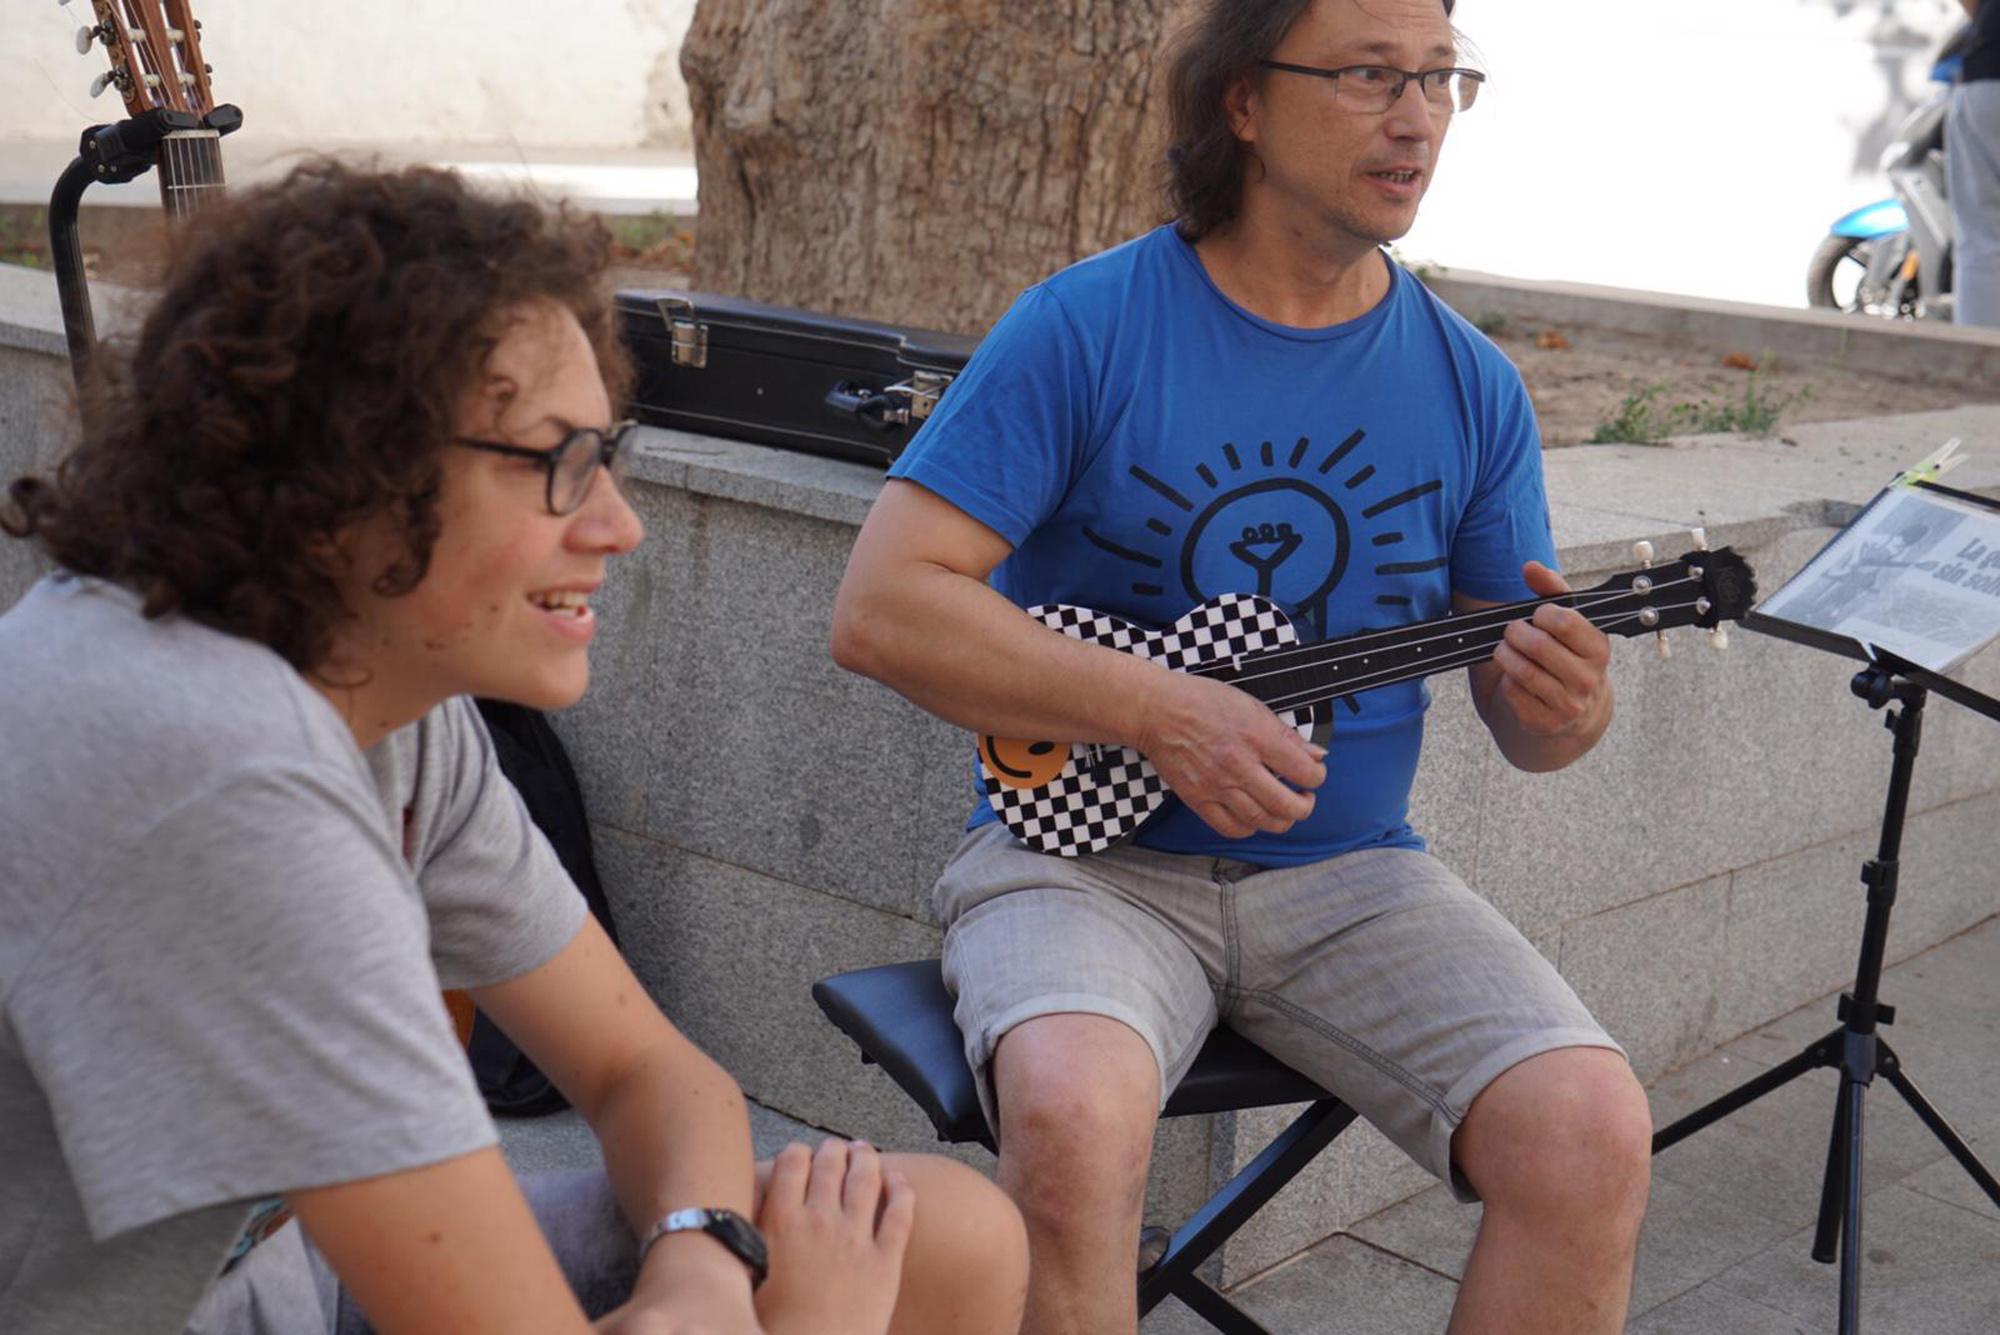 Taller de Música en la calle en Baza